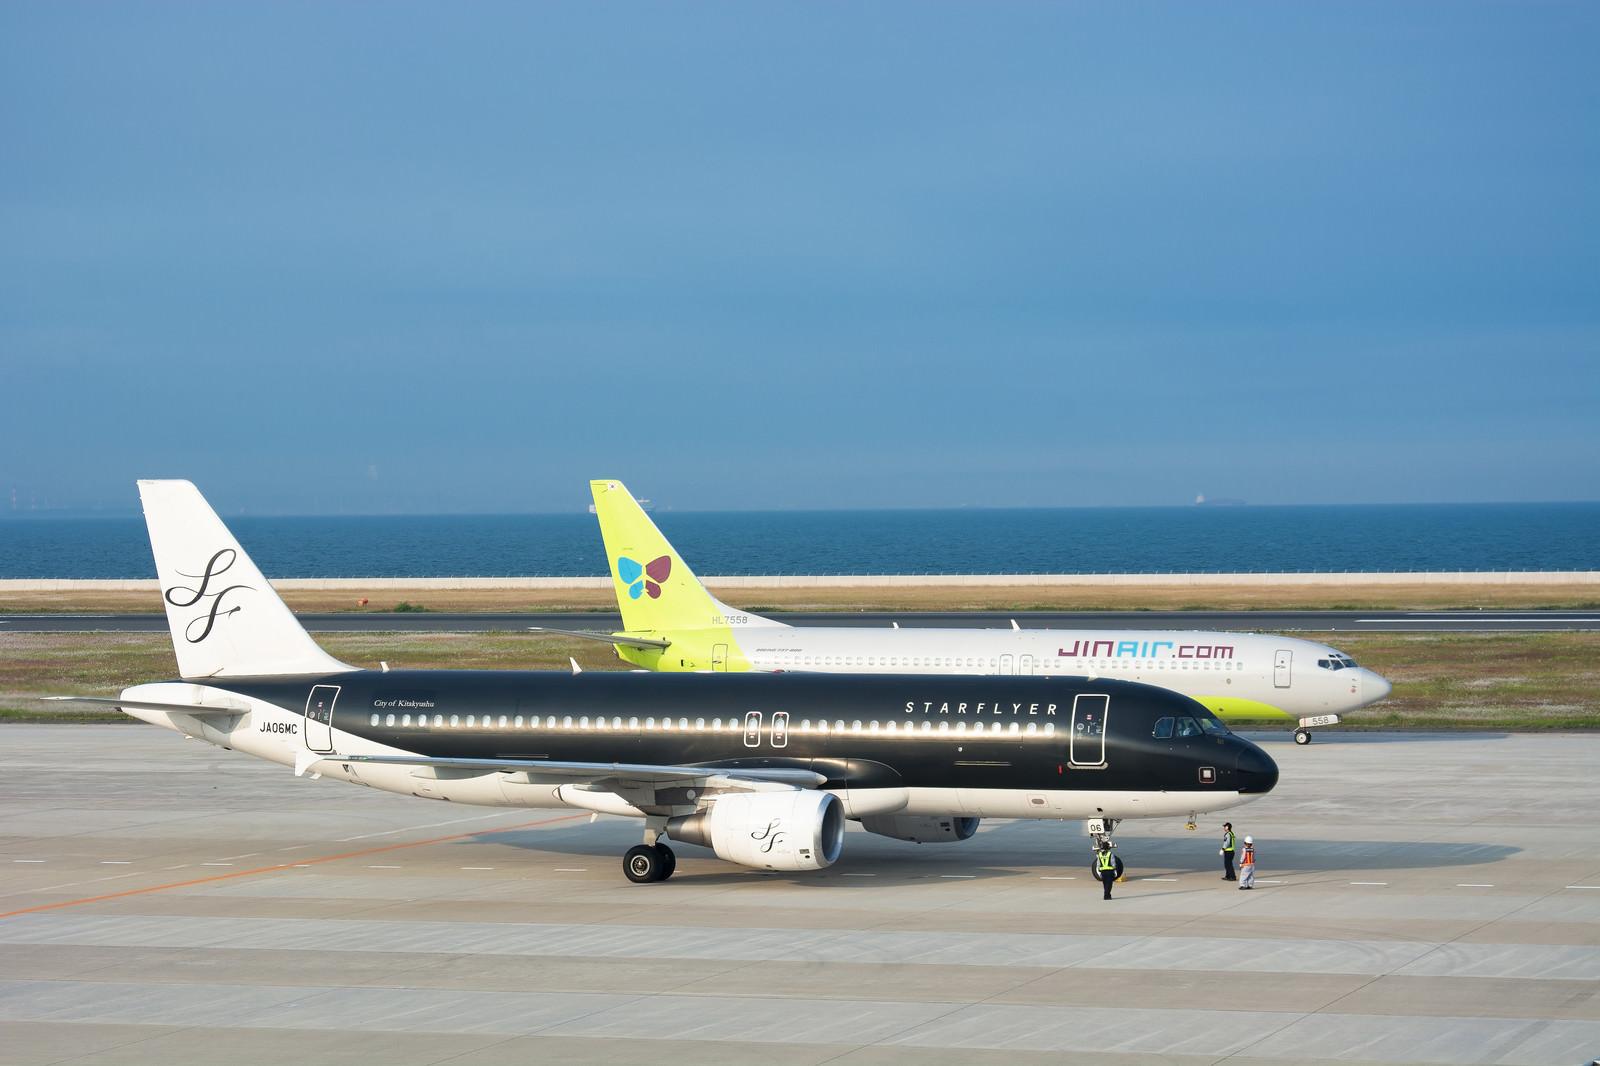 「最終チェックをする飛行機の横を通り駐機場に向かう着陸機」の写真